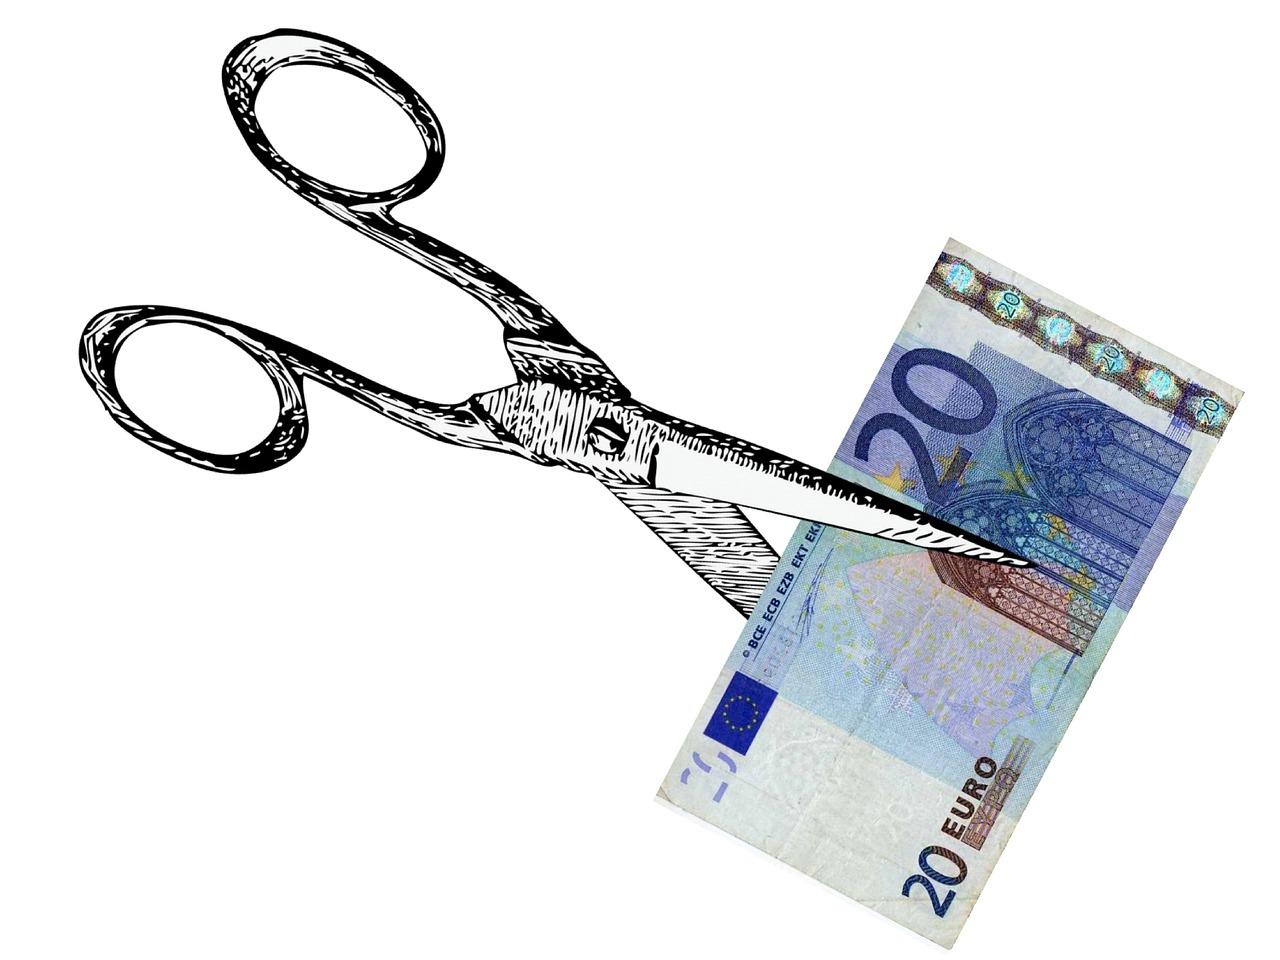 Dormire a firenze a 29 euro al giorno come e quando for Soggiorno a firenze economico